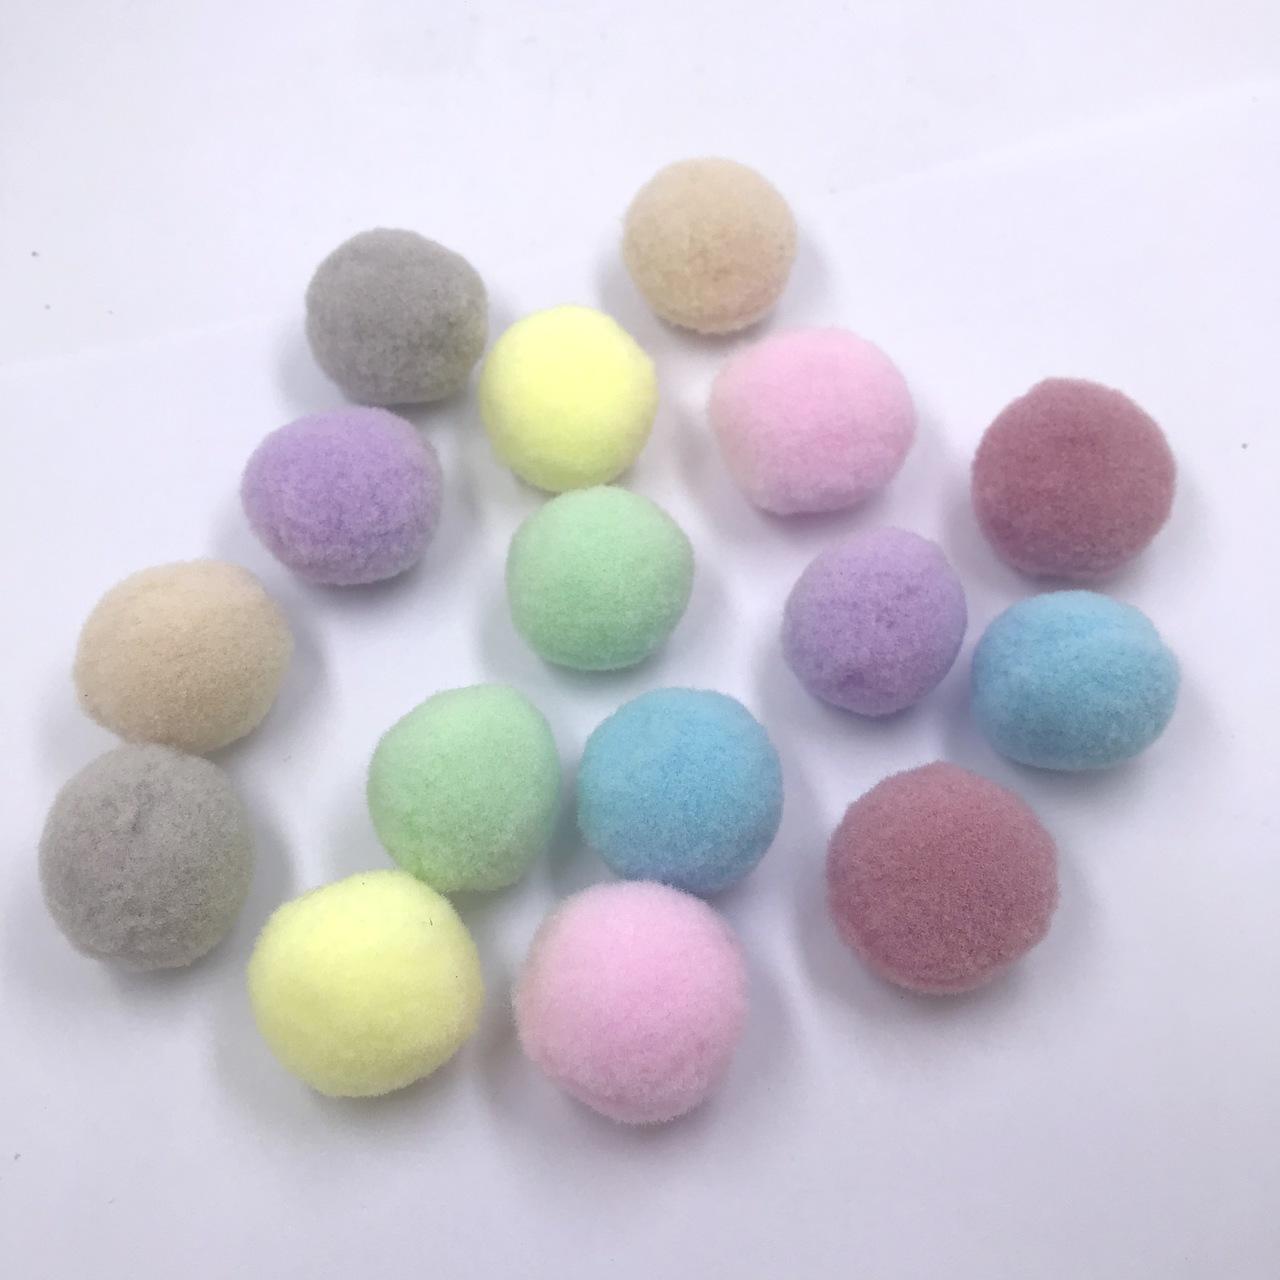 pompom bola de fio sintético 2,5cm candy colors 16 unidades